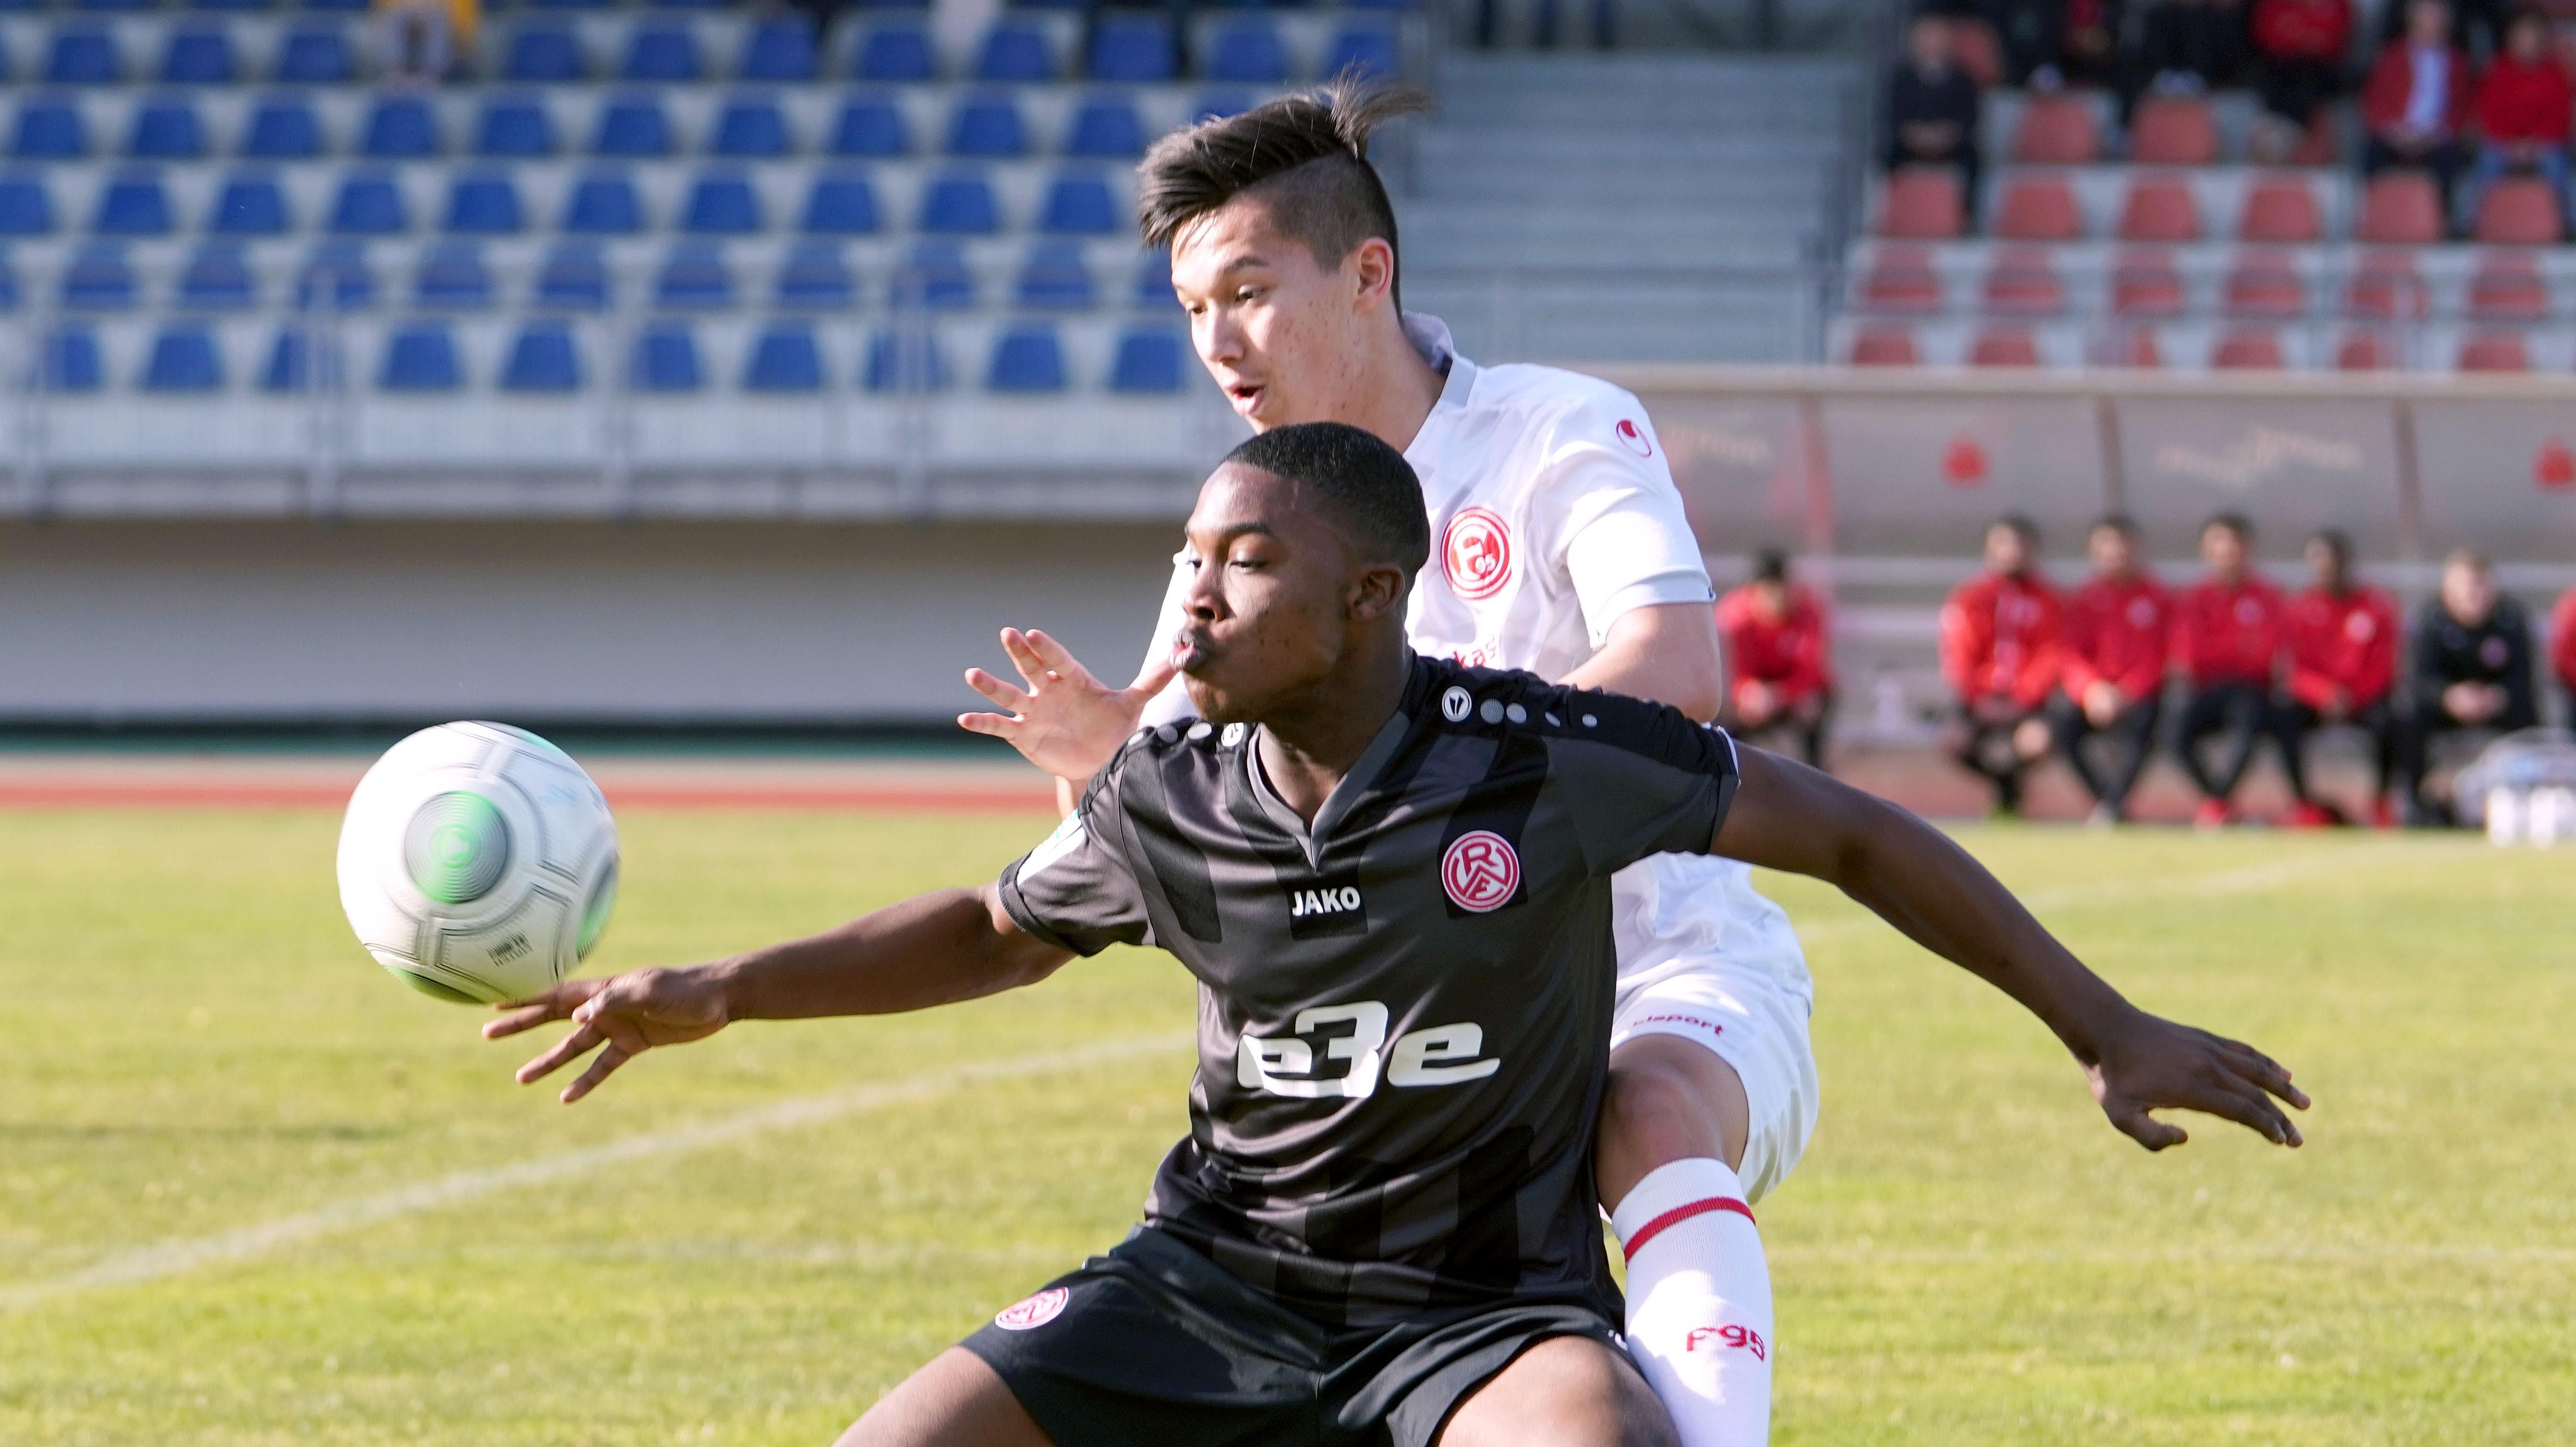 Gegen Bayer Leverkusen sollen für die Rot-Weissen die ersten Punkte des Kalenderjahres her. (Foto: Gohl)